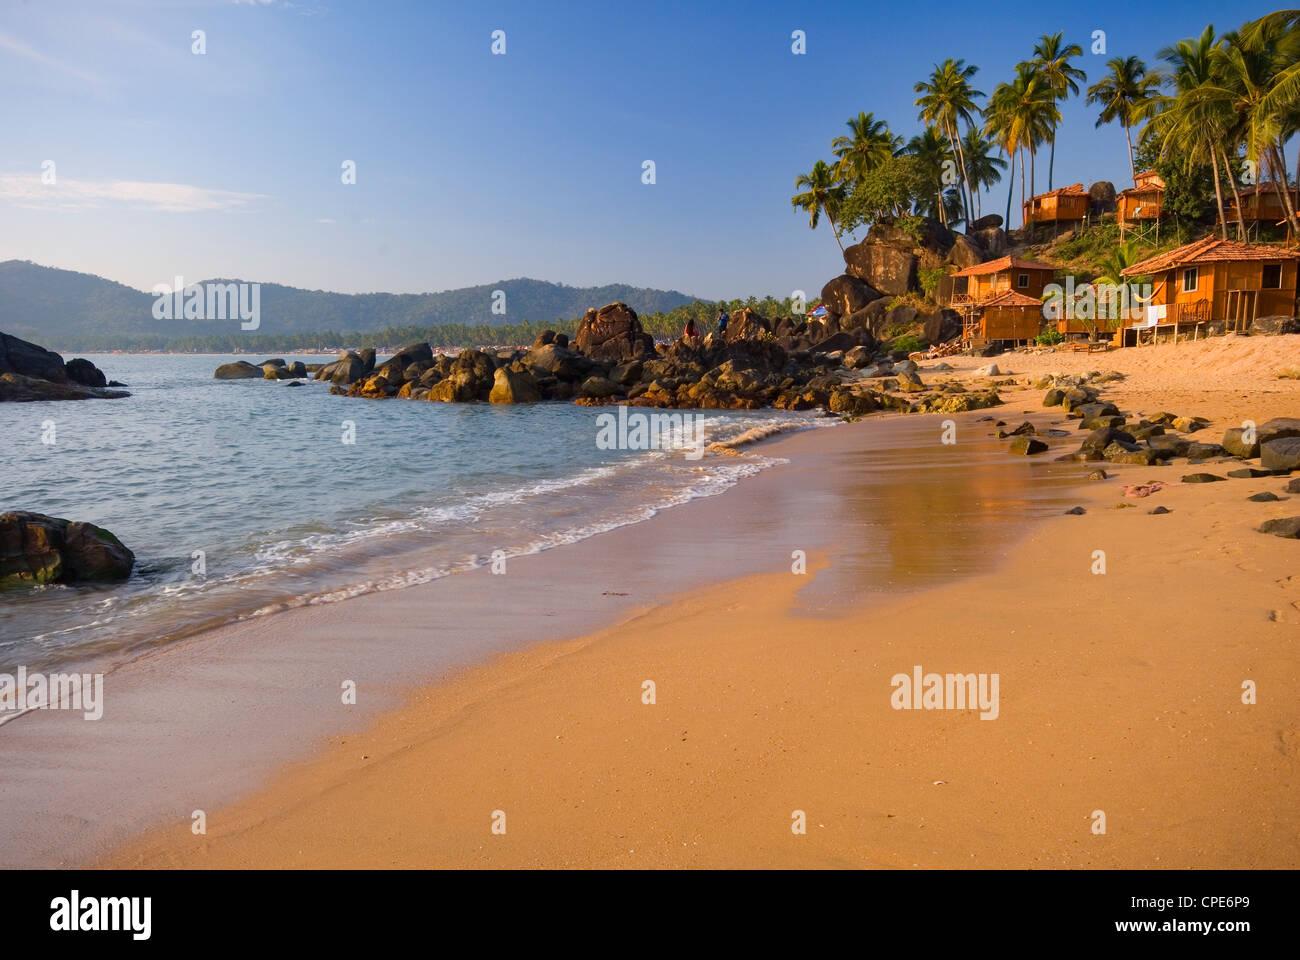 Palolem, Goa, India, Asia - Stock Image